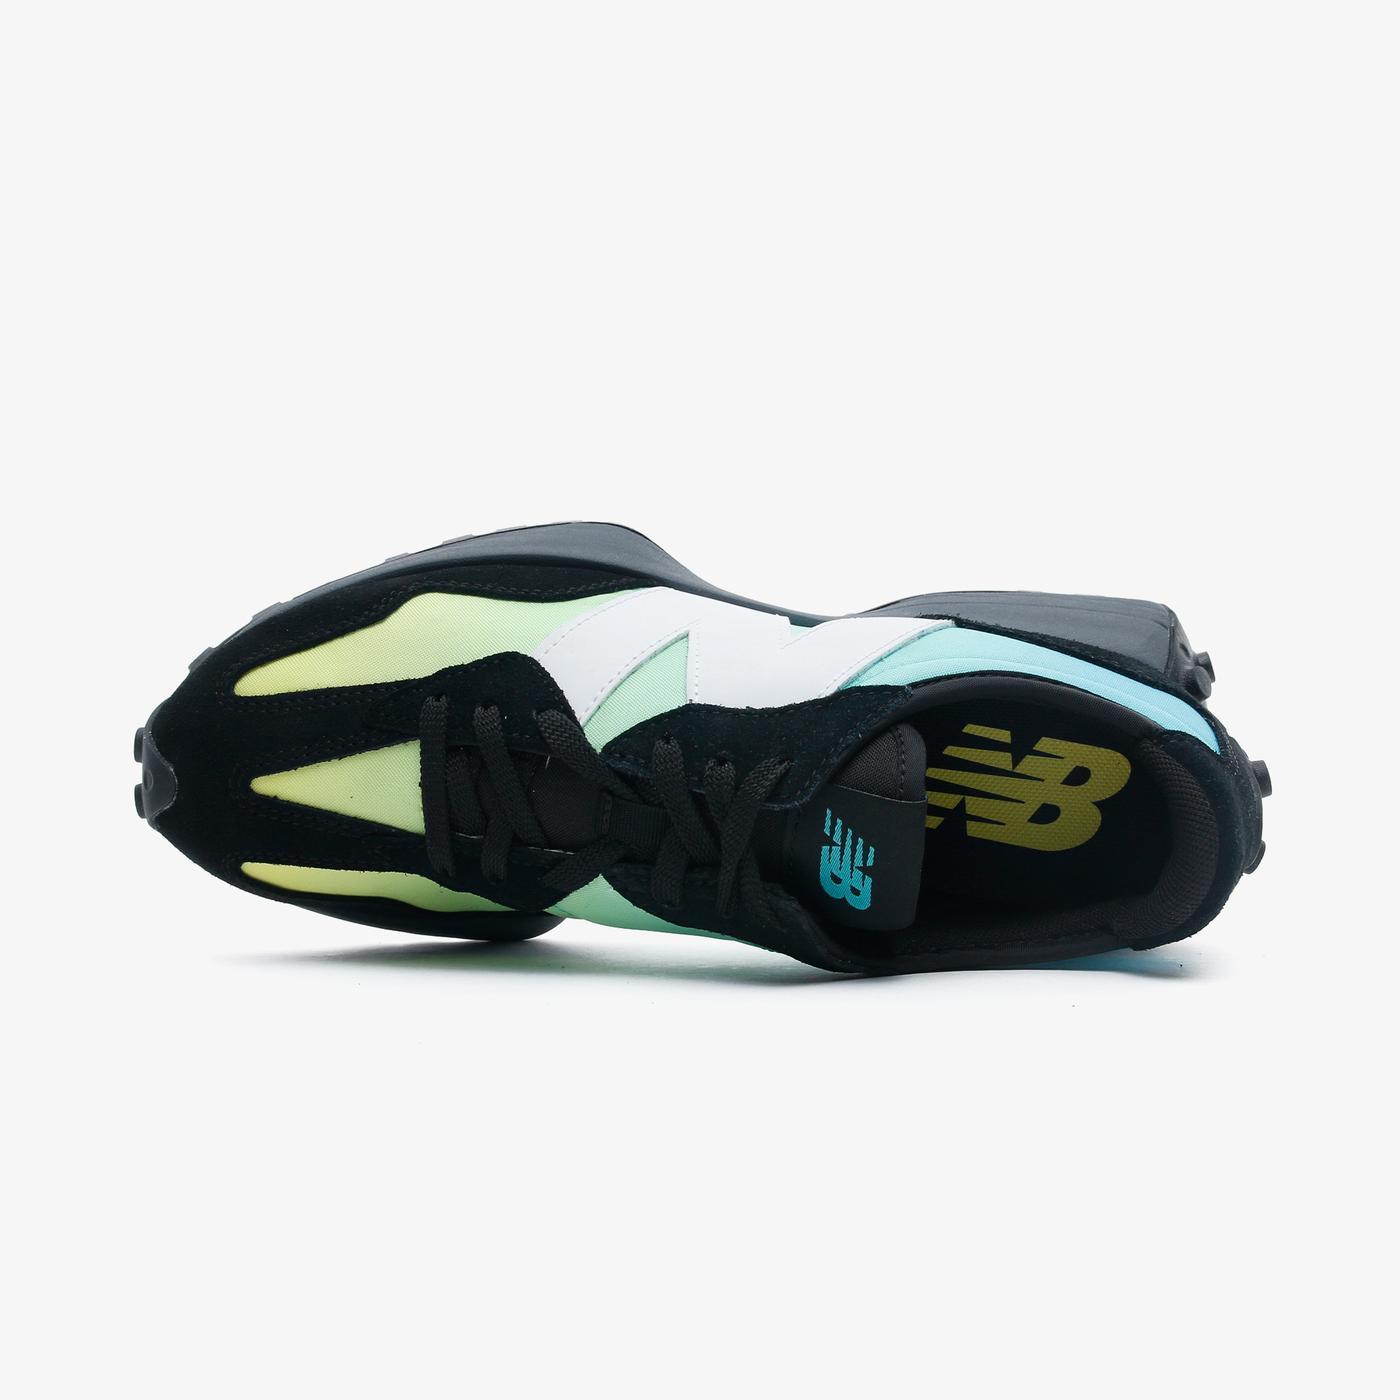 New Balance 327 Erkek Siyah Spor Ayakkabı